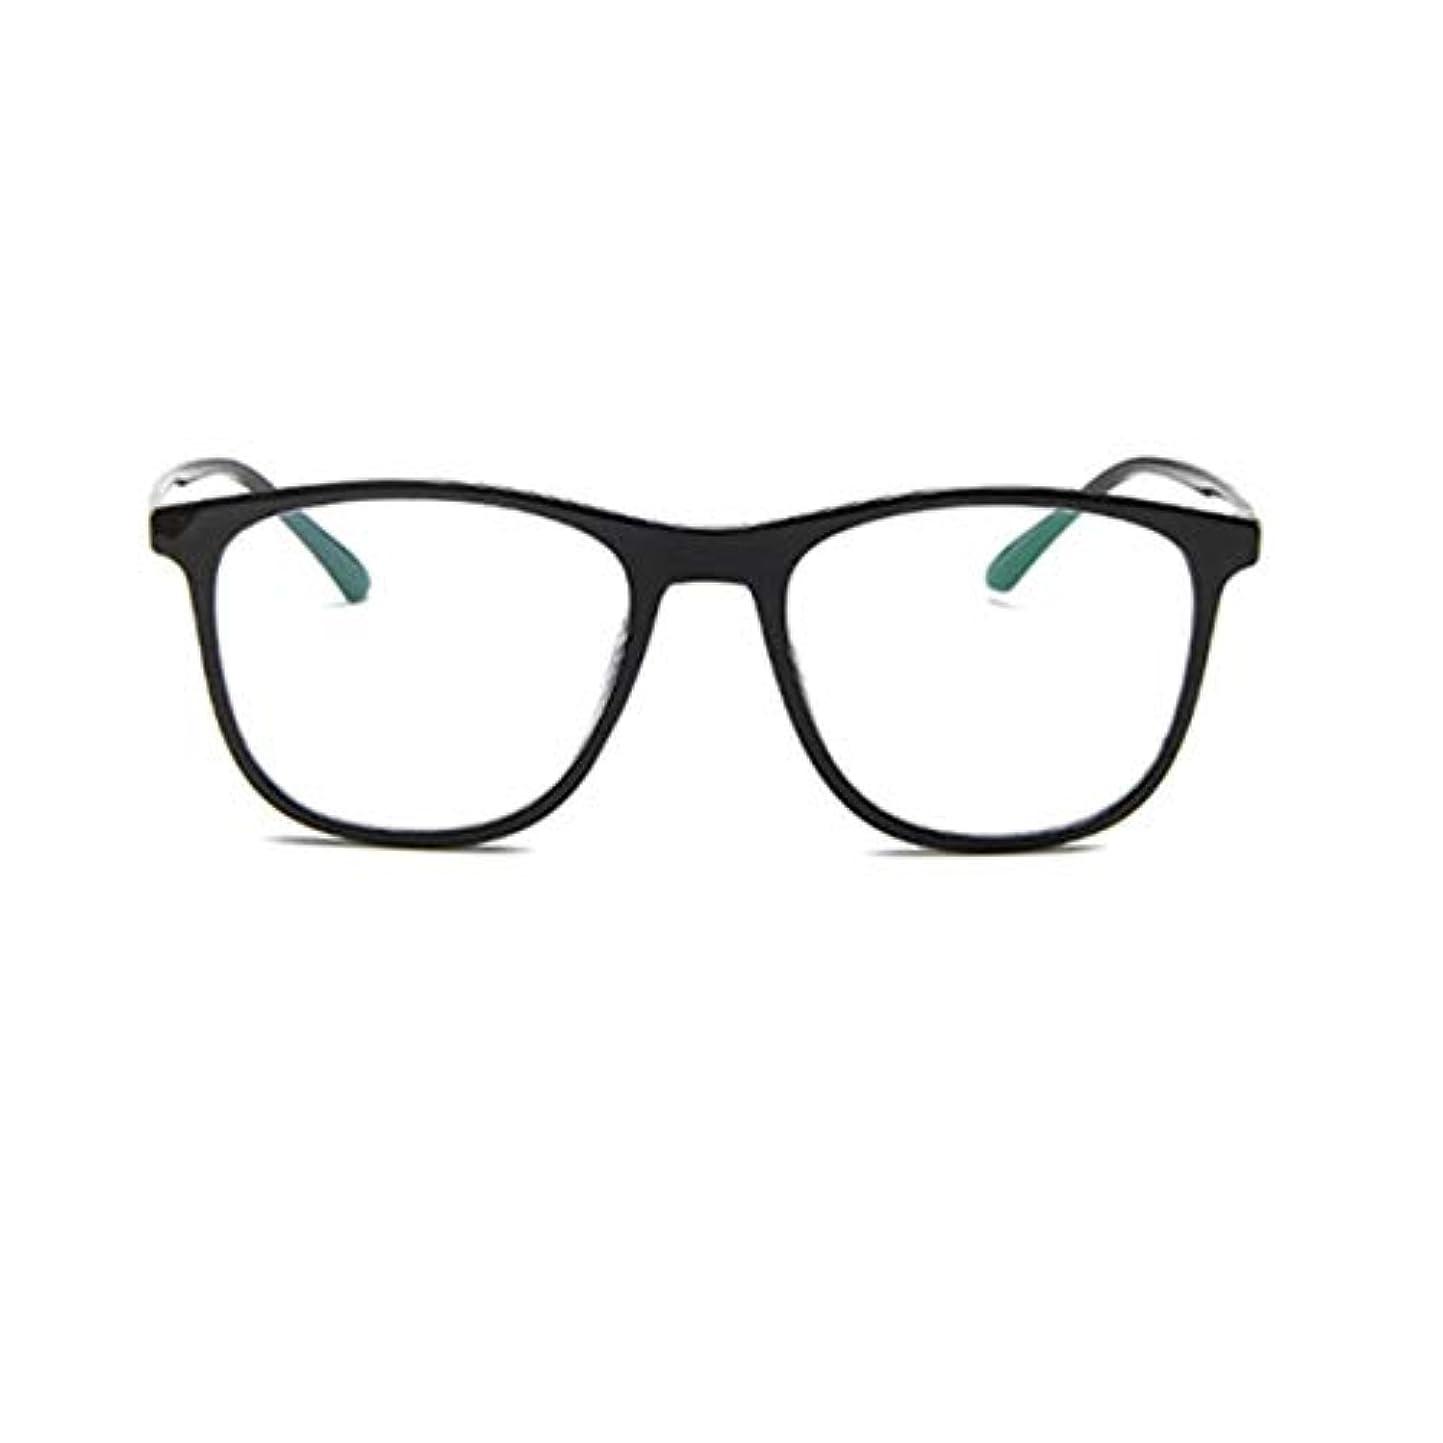 幻滅軍隊のヒープ韓国の学生のプレーンメガネの男性と女性のファッションメガネフレーム近視メガネフレームファッショナブルなシンプルなメガネ-ブライトブラック